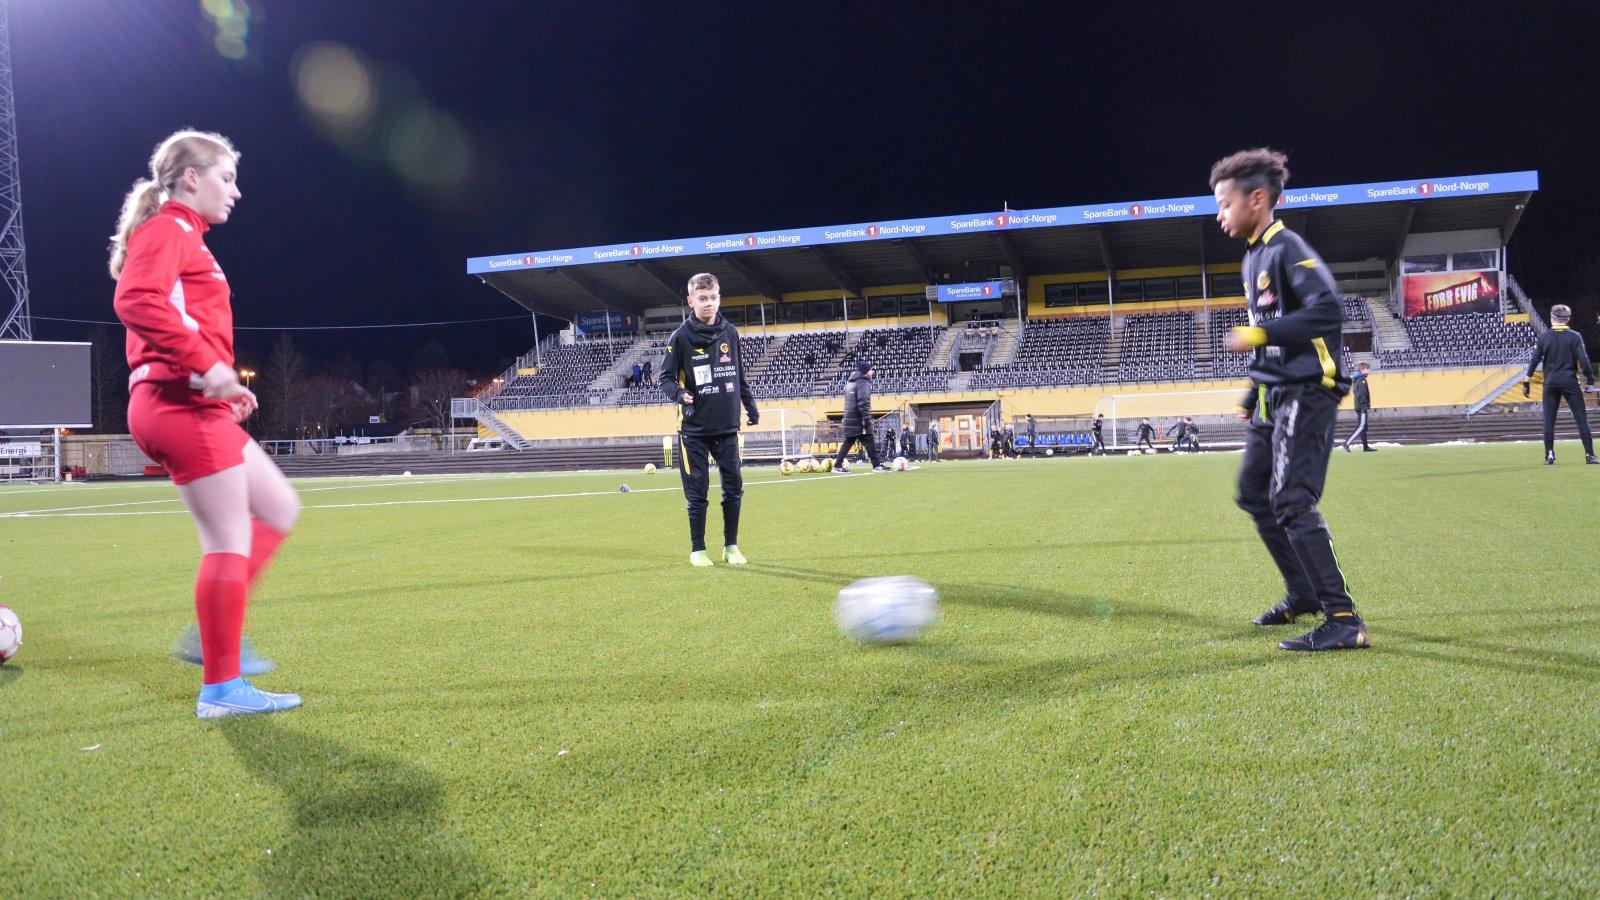 Stina fra Grands J13 synes det er stas å sentre med Noa og Kvame fra Bodø/Glimts G13 inne på selve Aspmyra stadion.